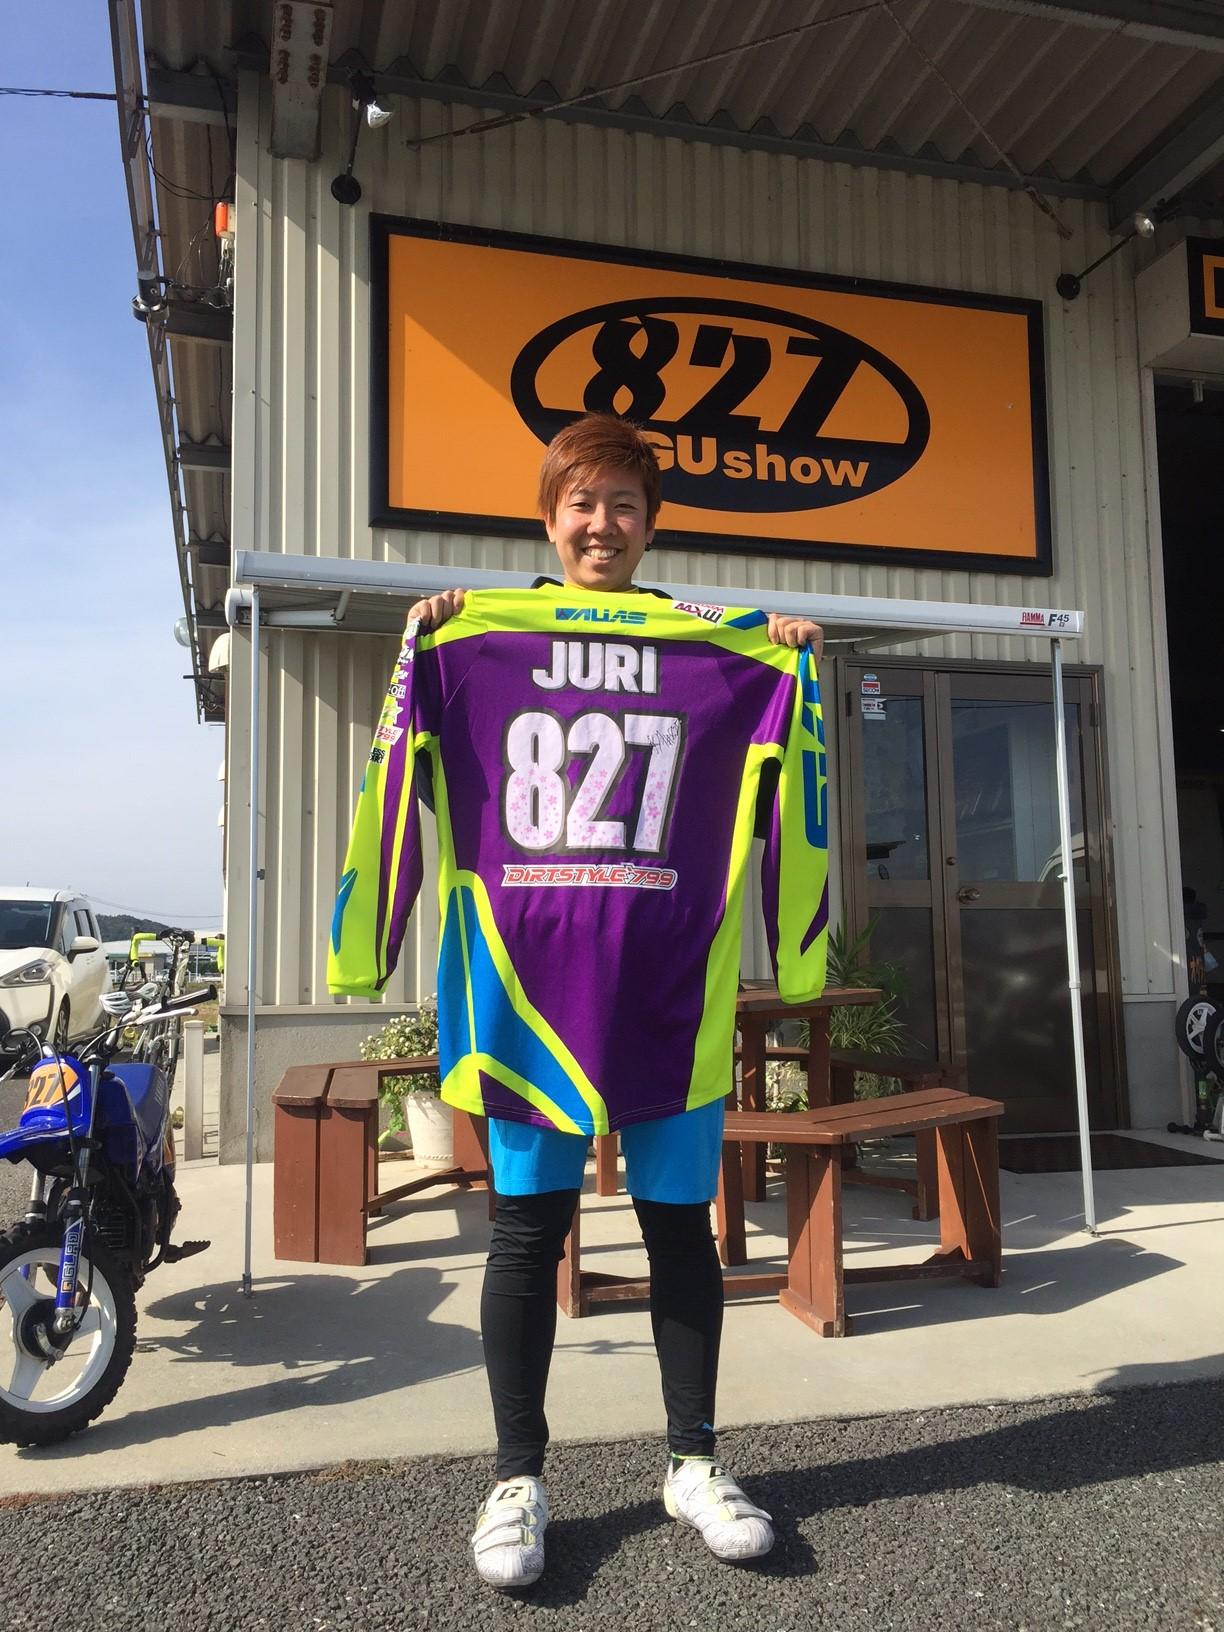 全日本モトクロスレディースライダー畑尾樹璃選手オグショー827に